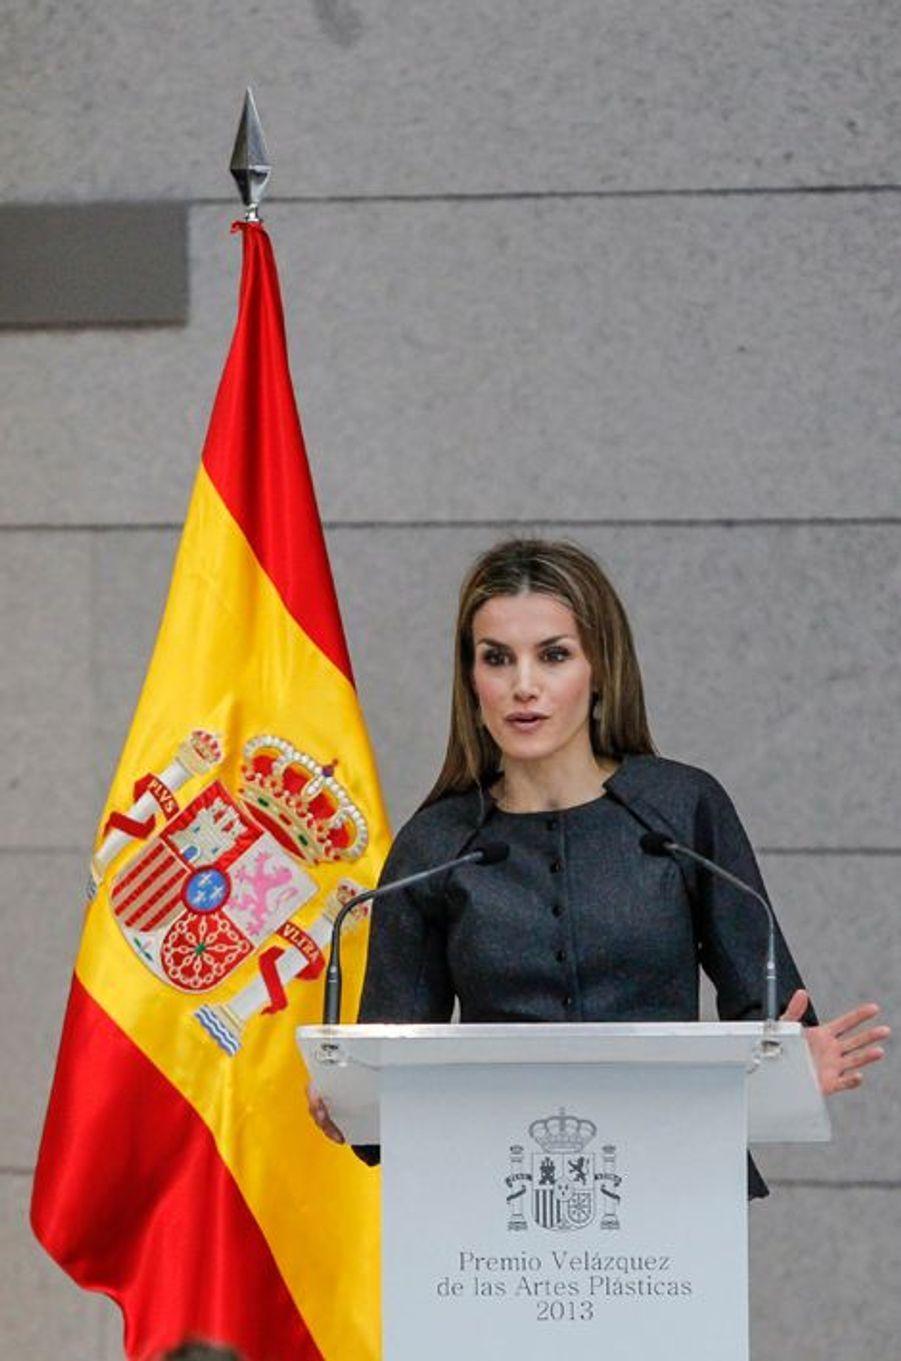 La reine Letizia d'Espagne remet le prix Velazquez des arts visuels à Jaume Plensa à Madrid, le 17 novembre 2014